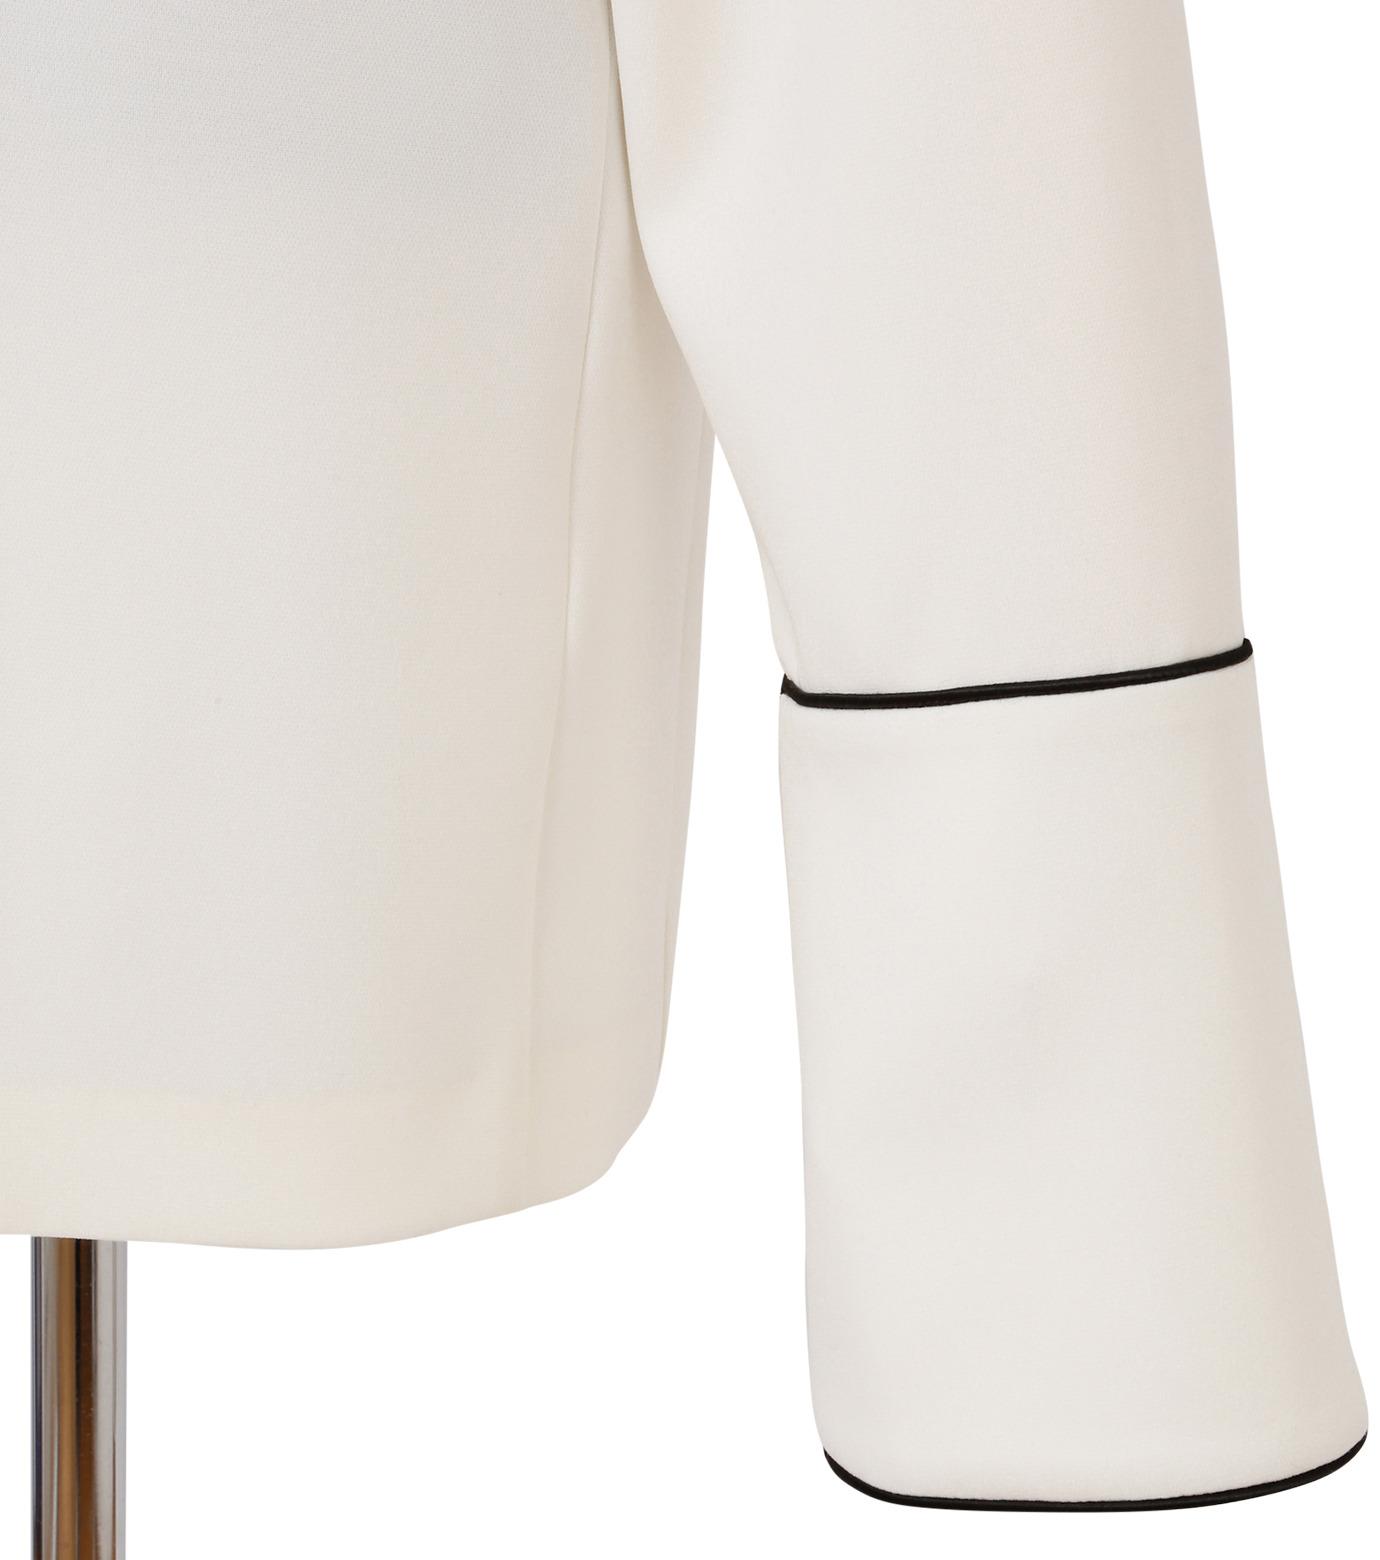 IRENE(アイレネ)のリバーサルスーツトップス-WHITE(シャツ/shirt)-18A83006 拡大詳細画像6